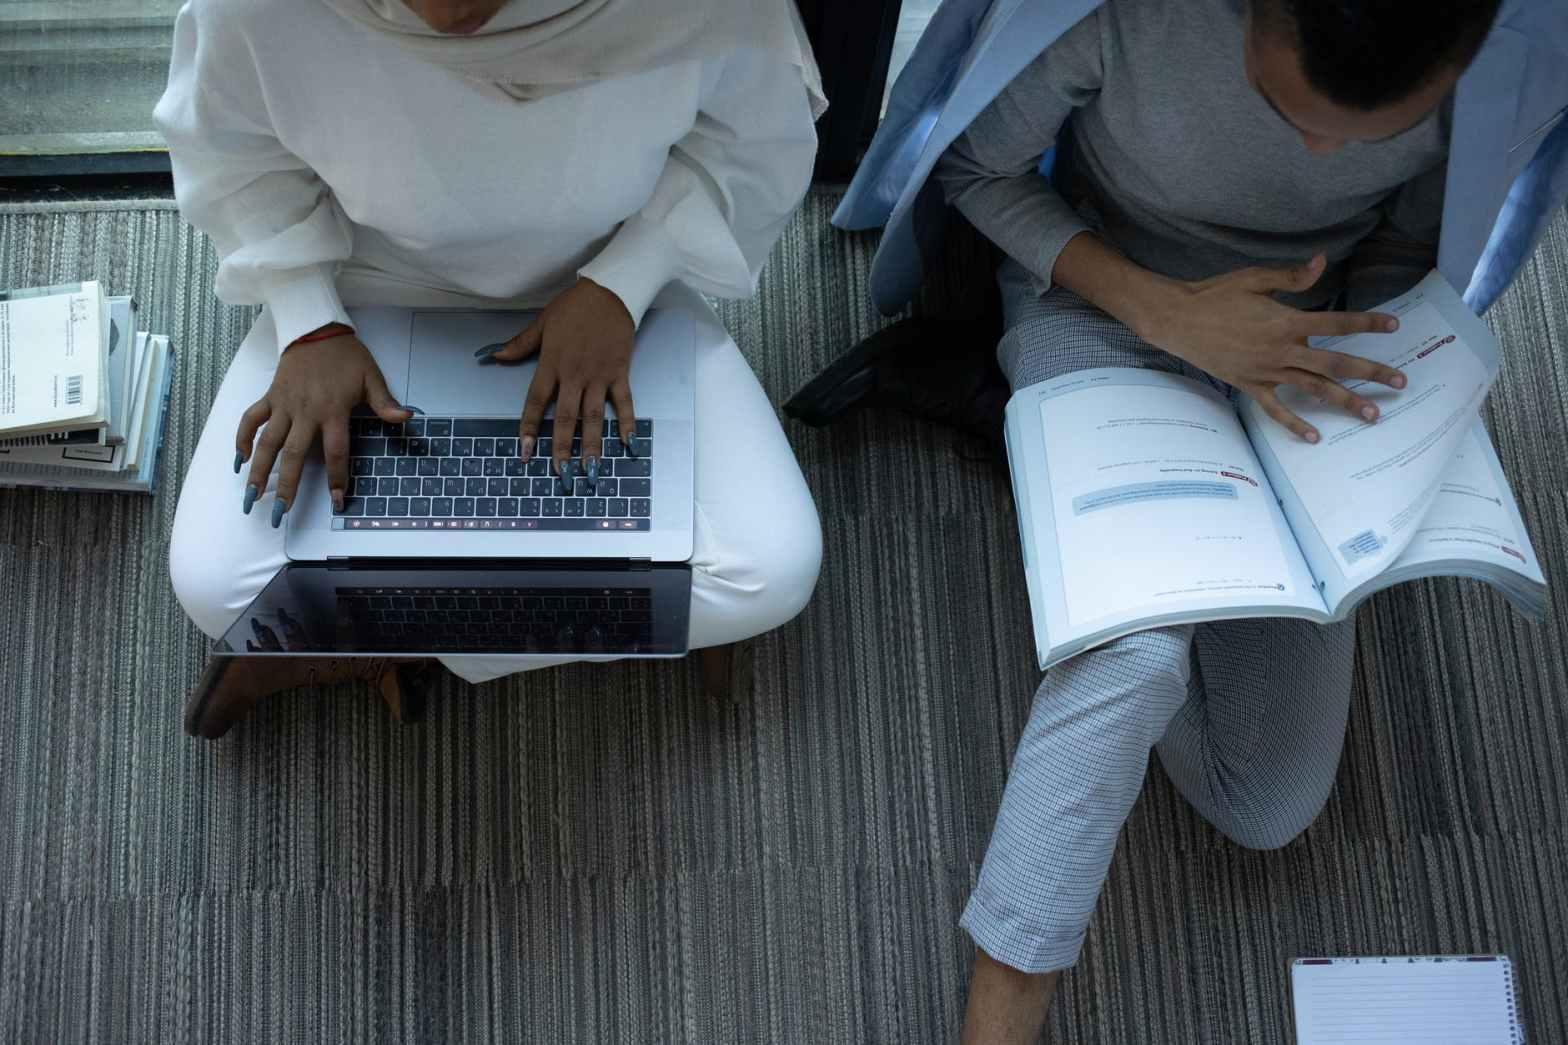 black diligent students doing studies together